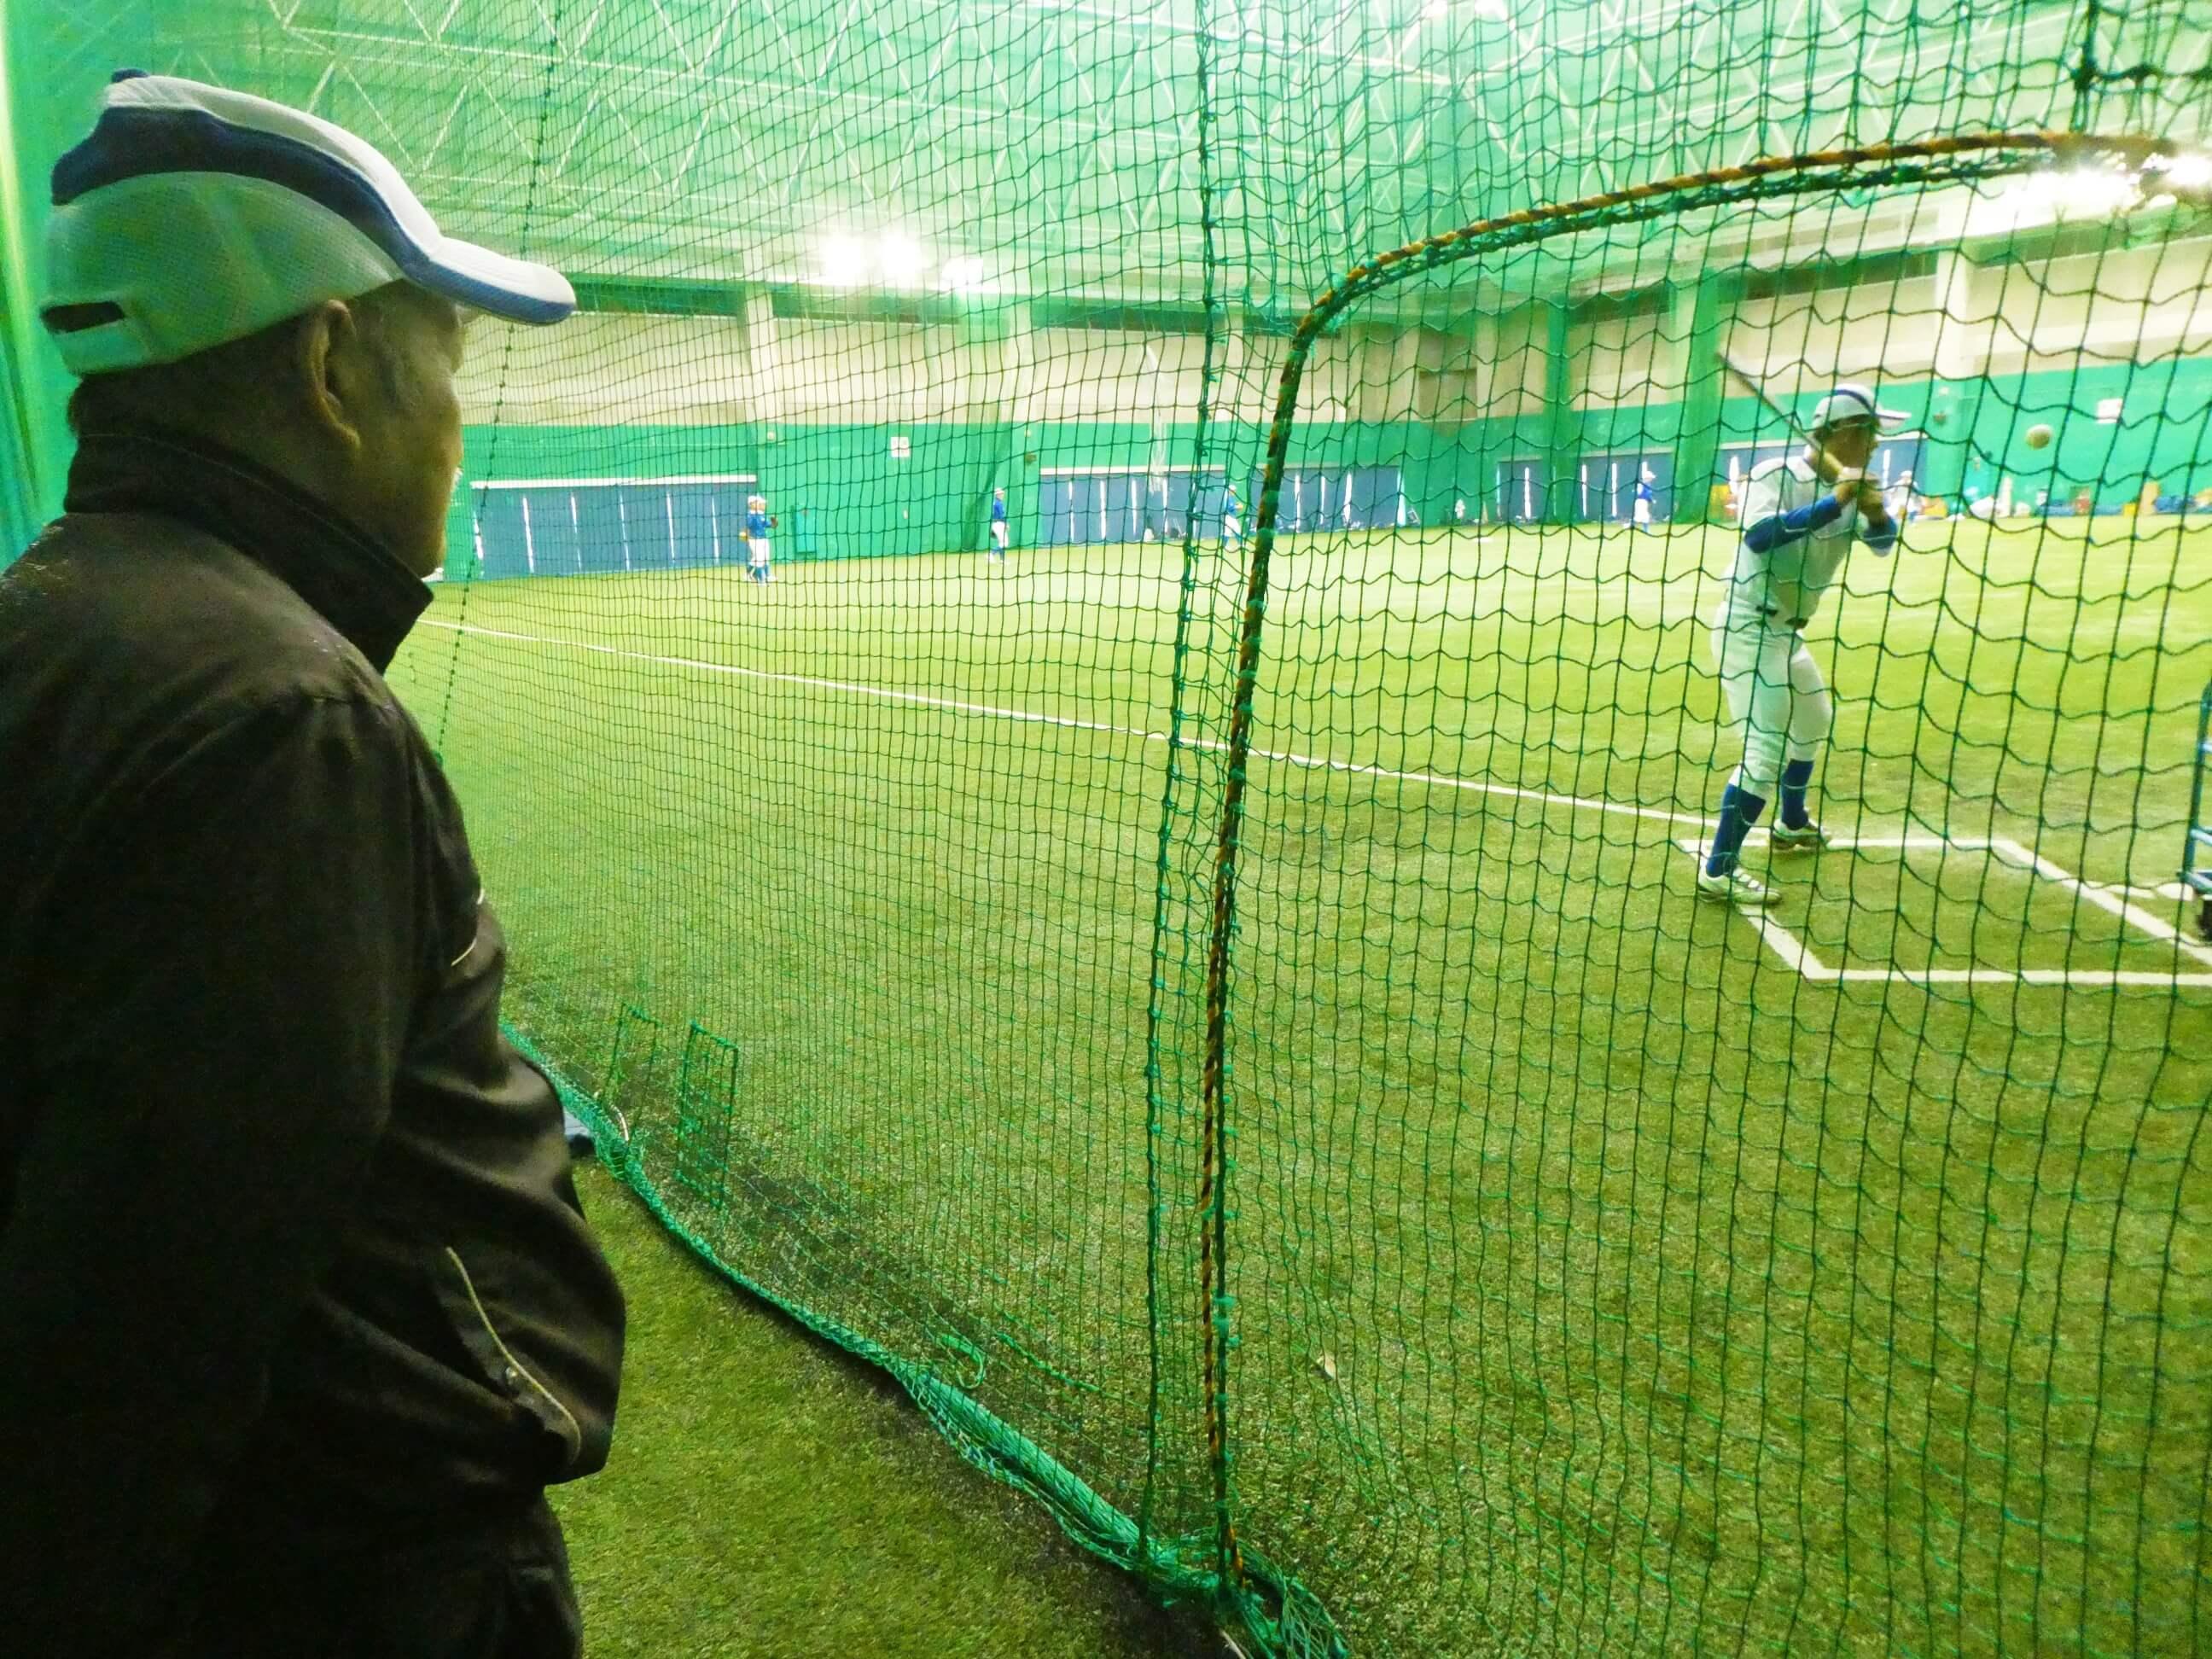 奄美にある名瀬運動公園の屋内競技場で野球の練習中